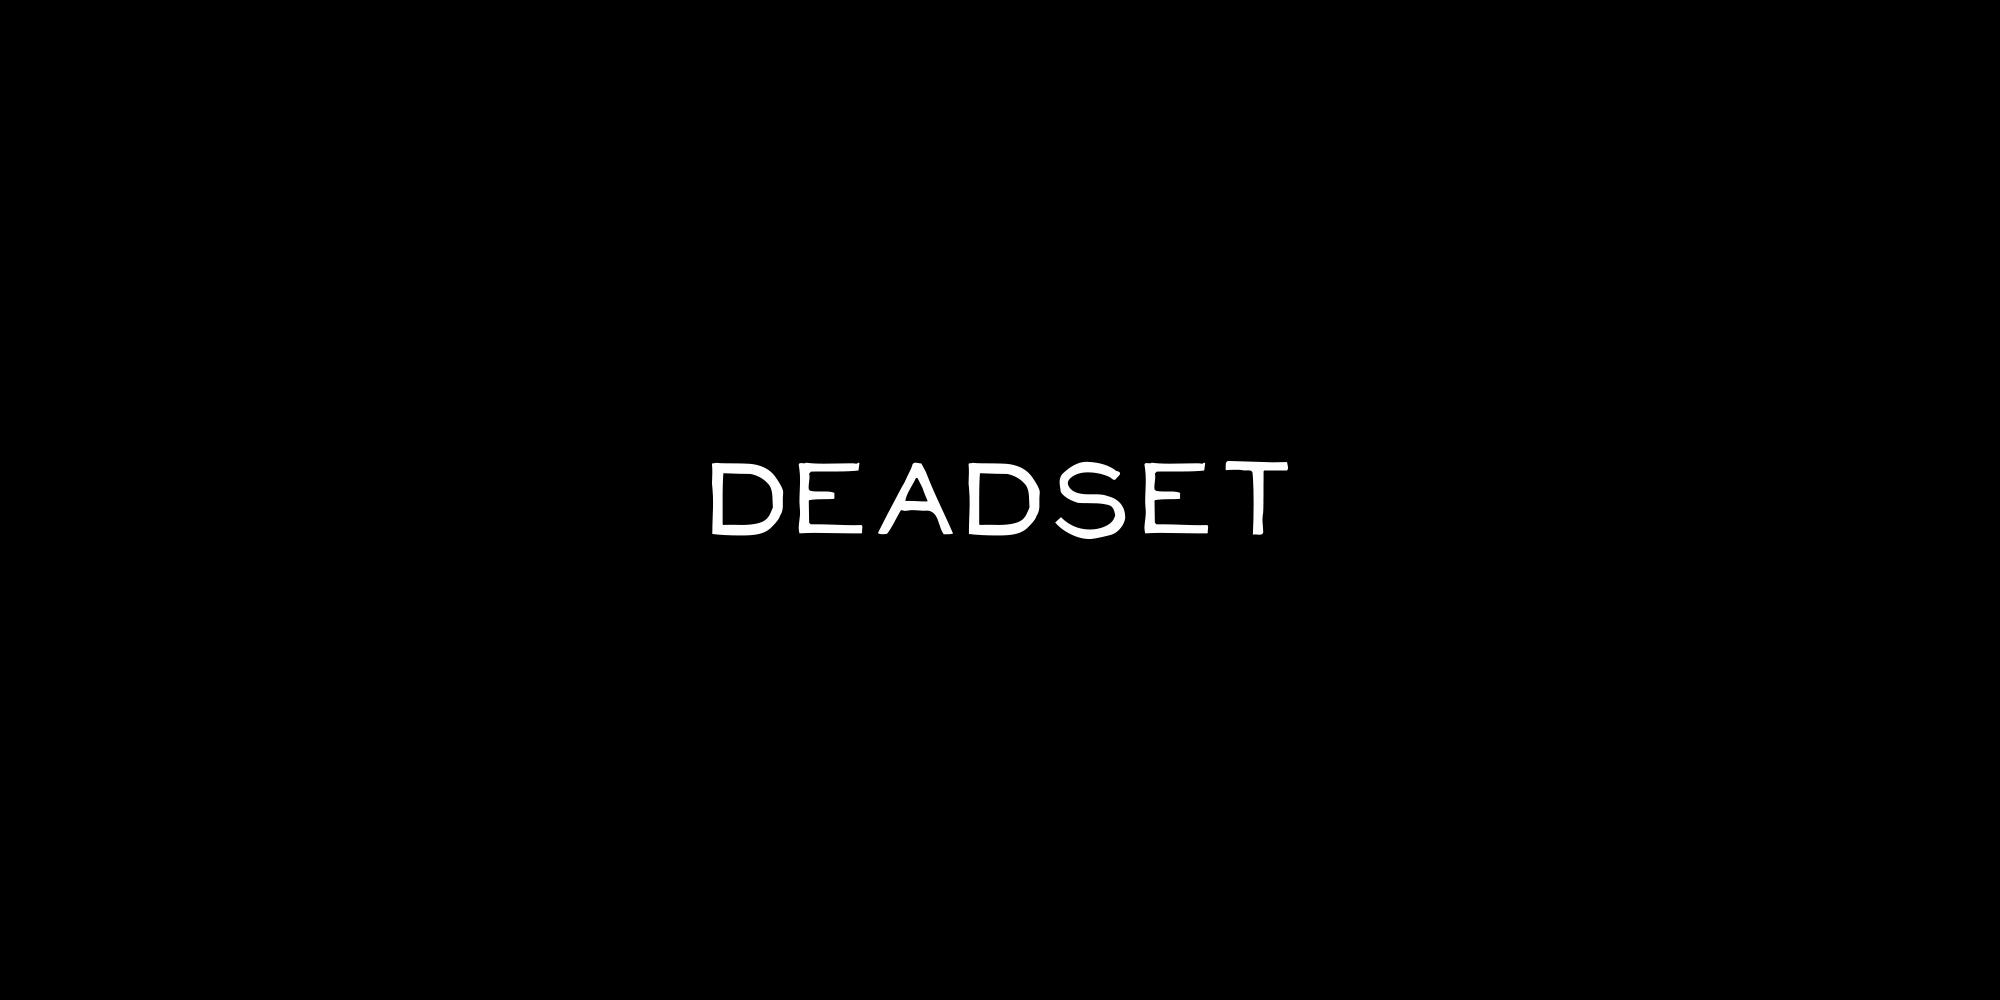 Deadset-1.jpg